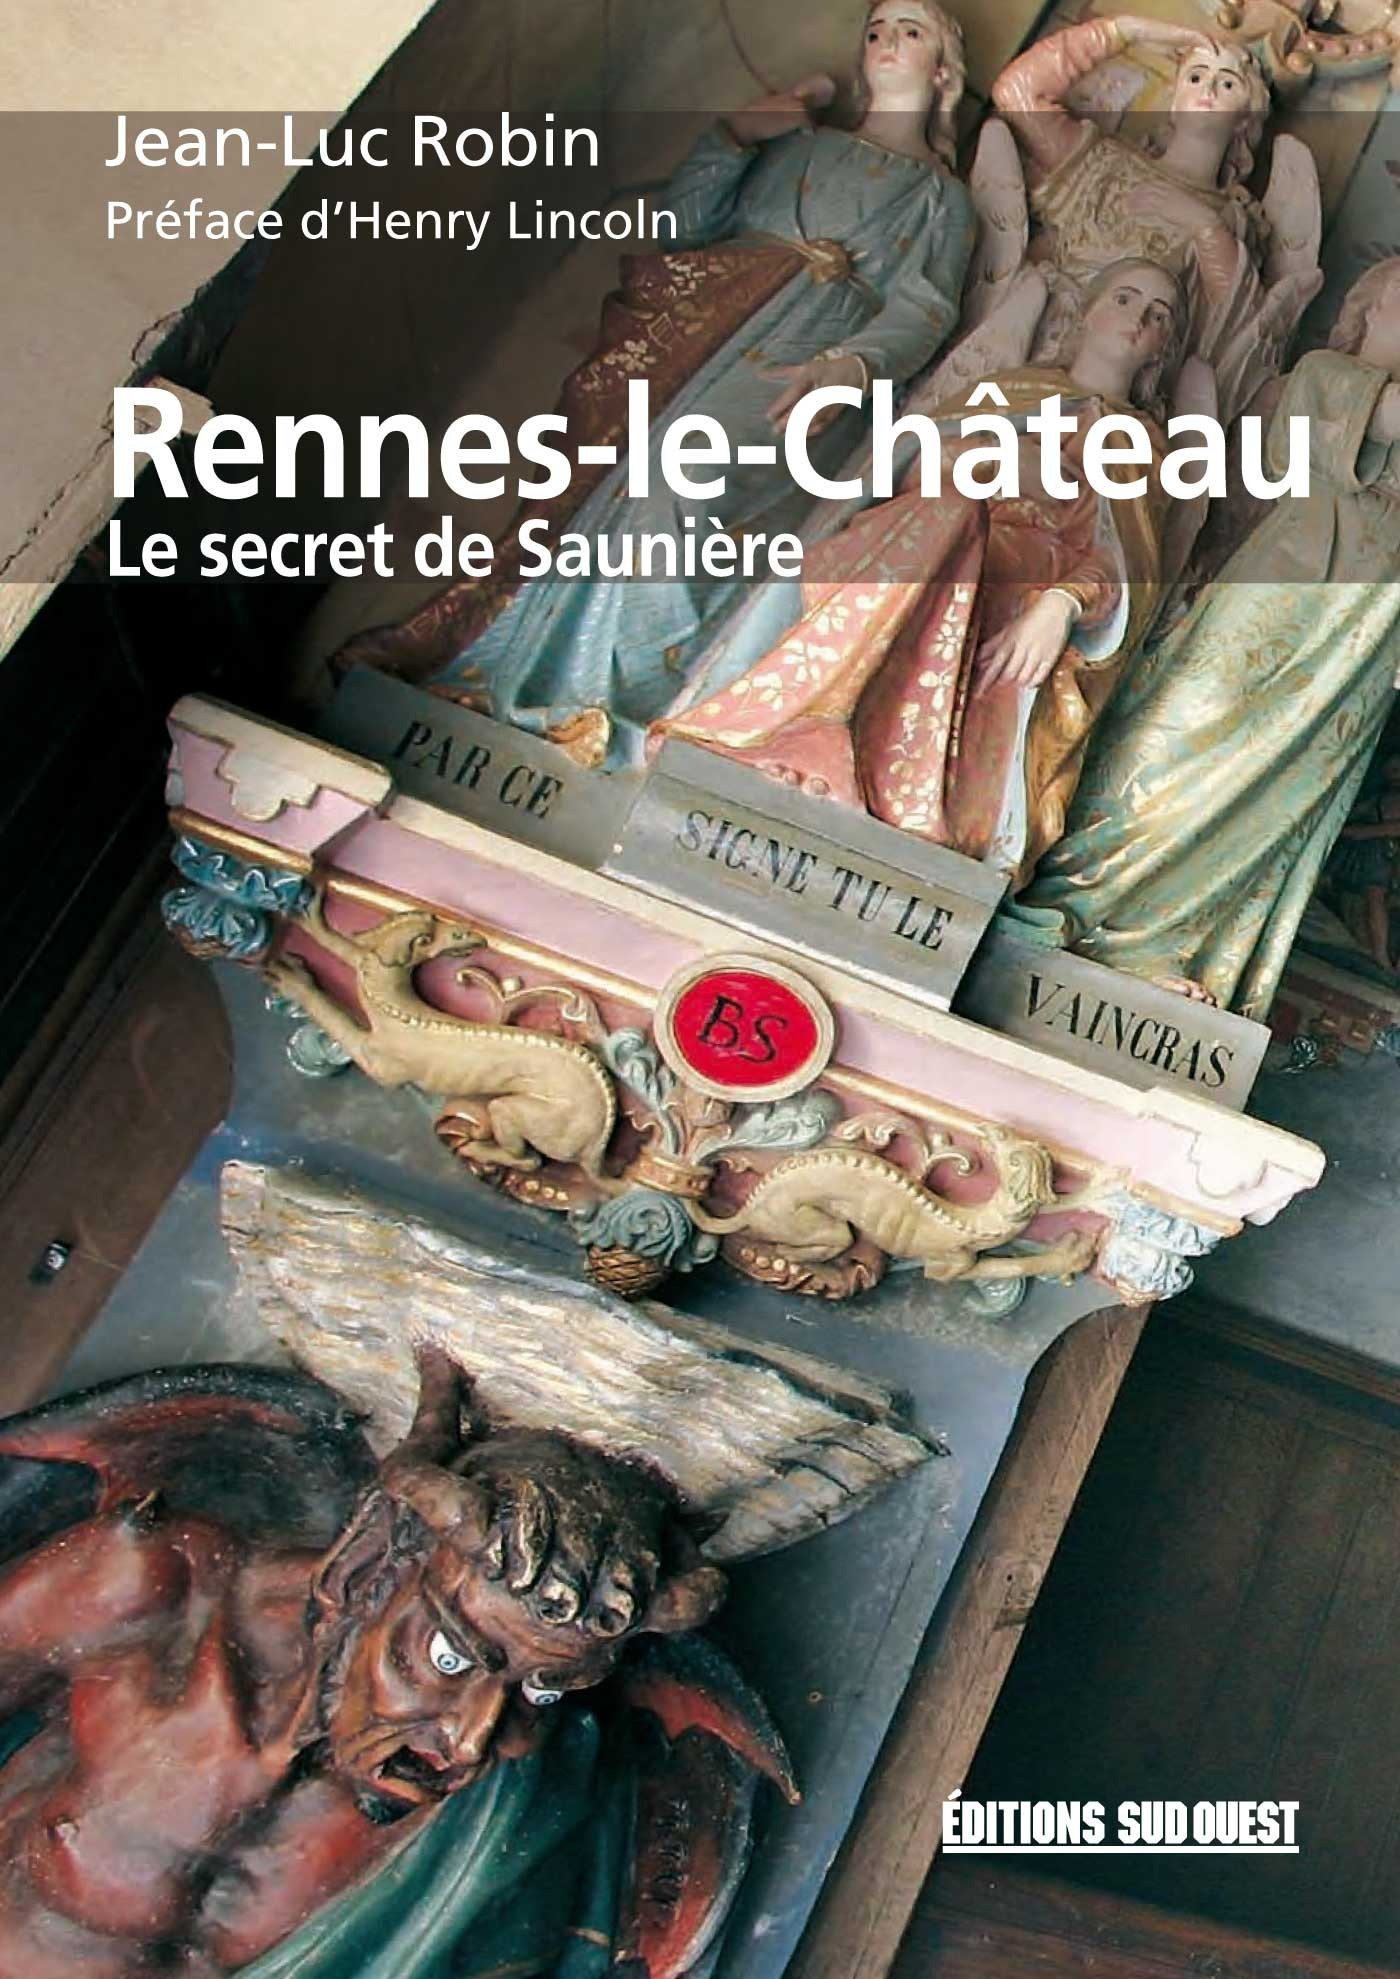 Rennes-le-chateau, le secret de sauniere